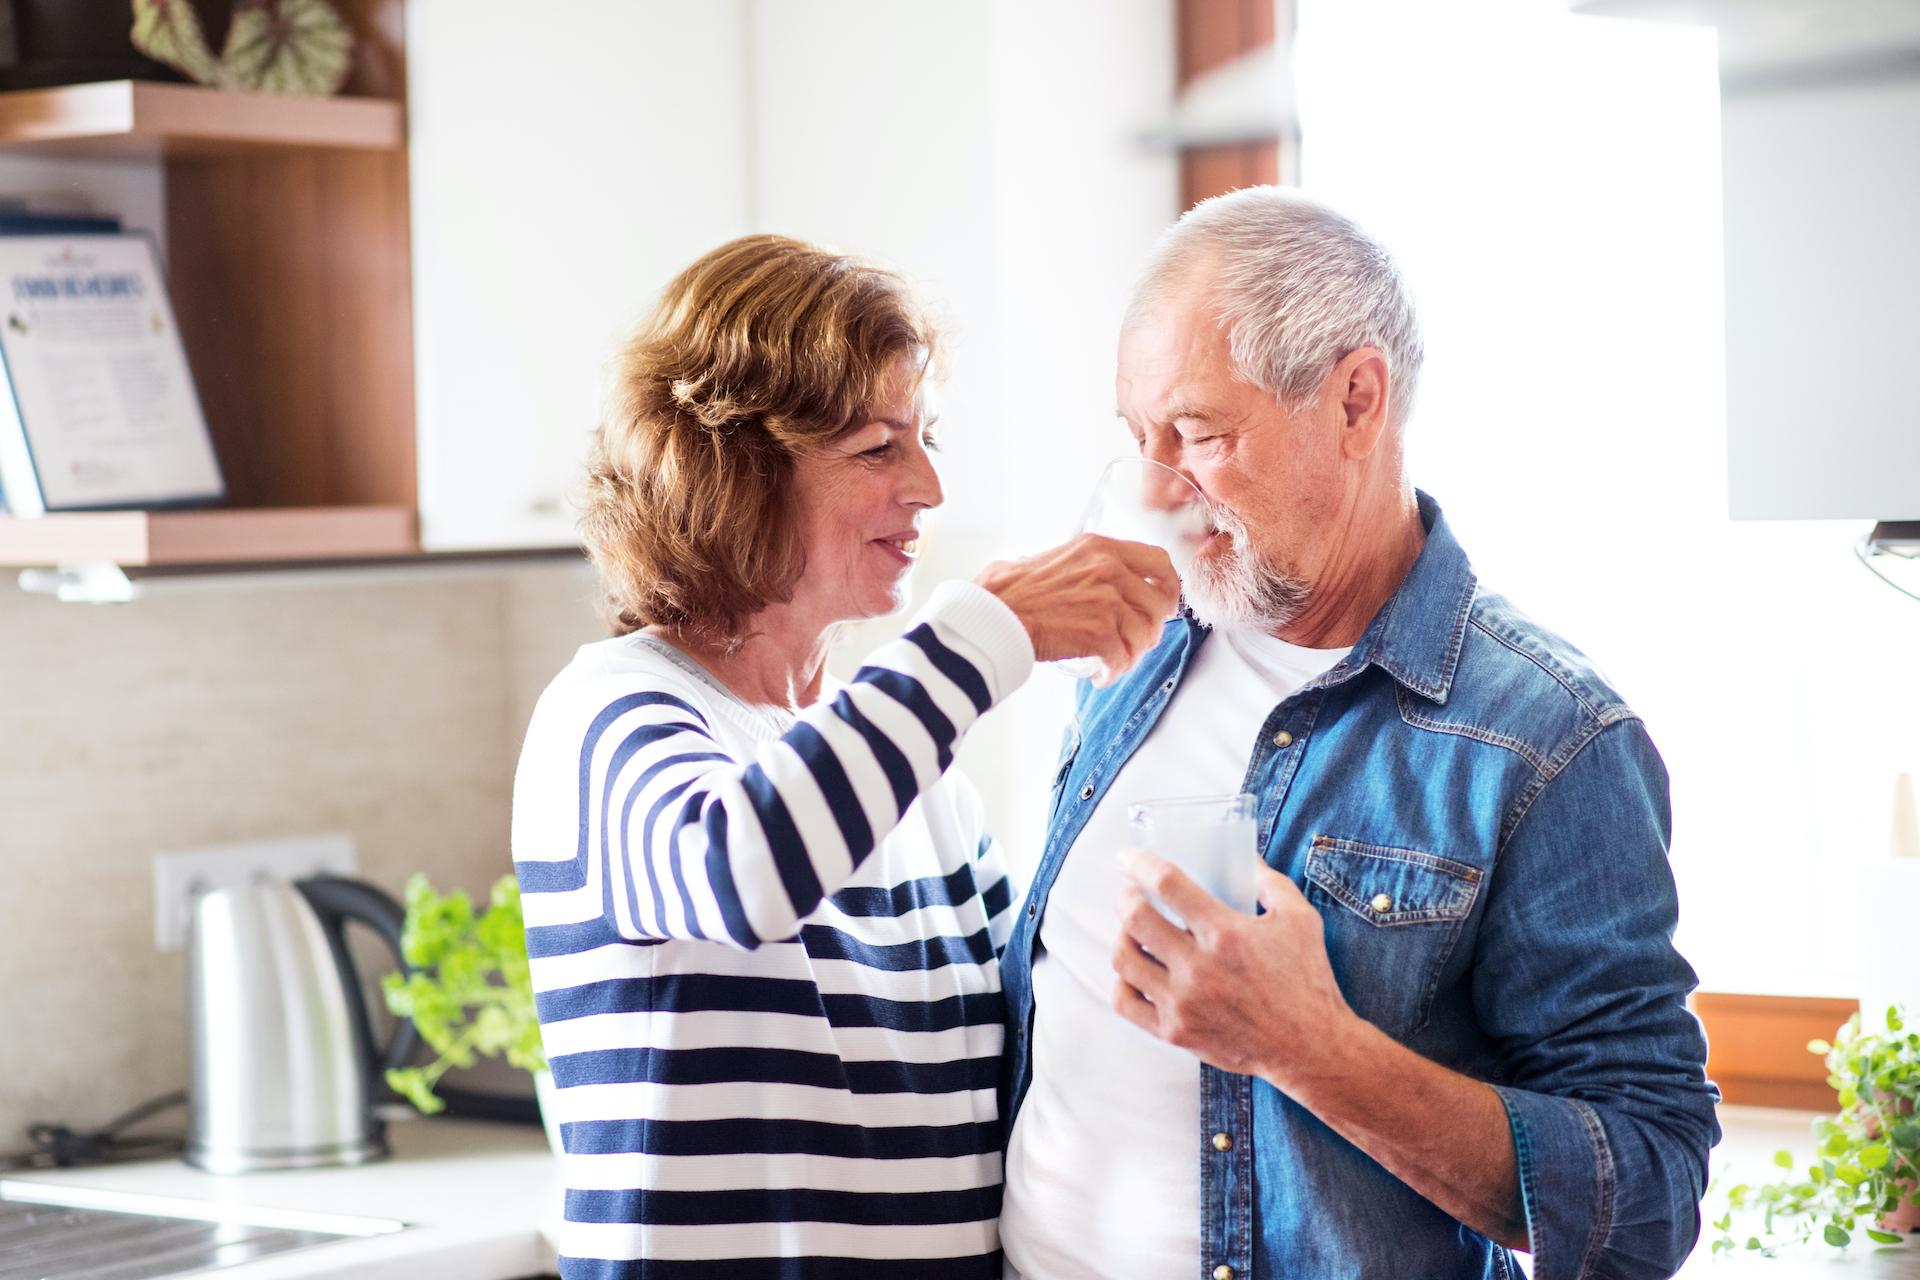 Eine Frau hilft einem älteren Mann seine Jacke anzuziehen